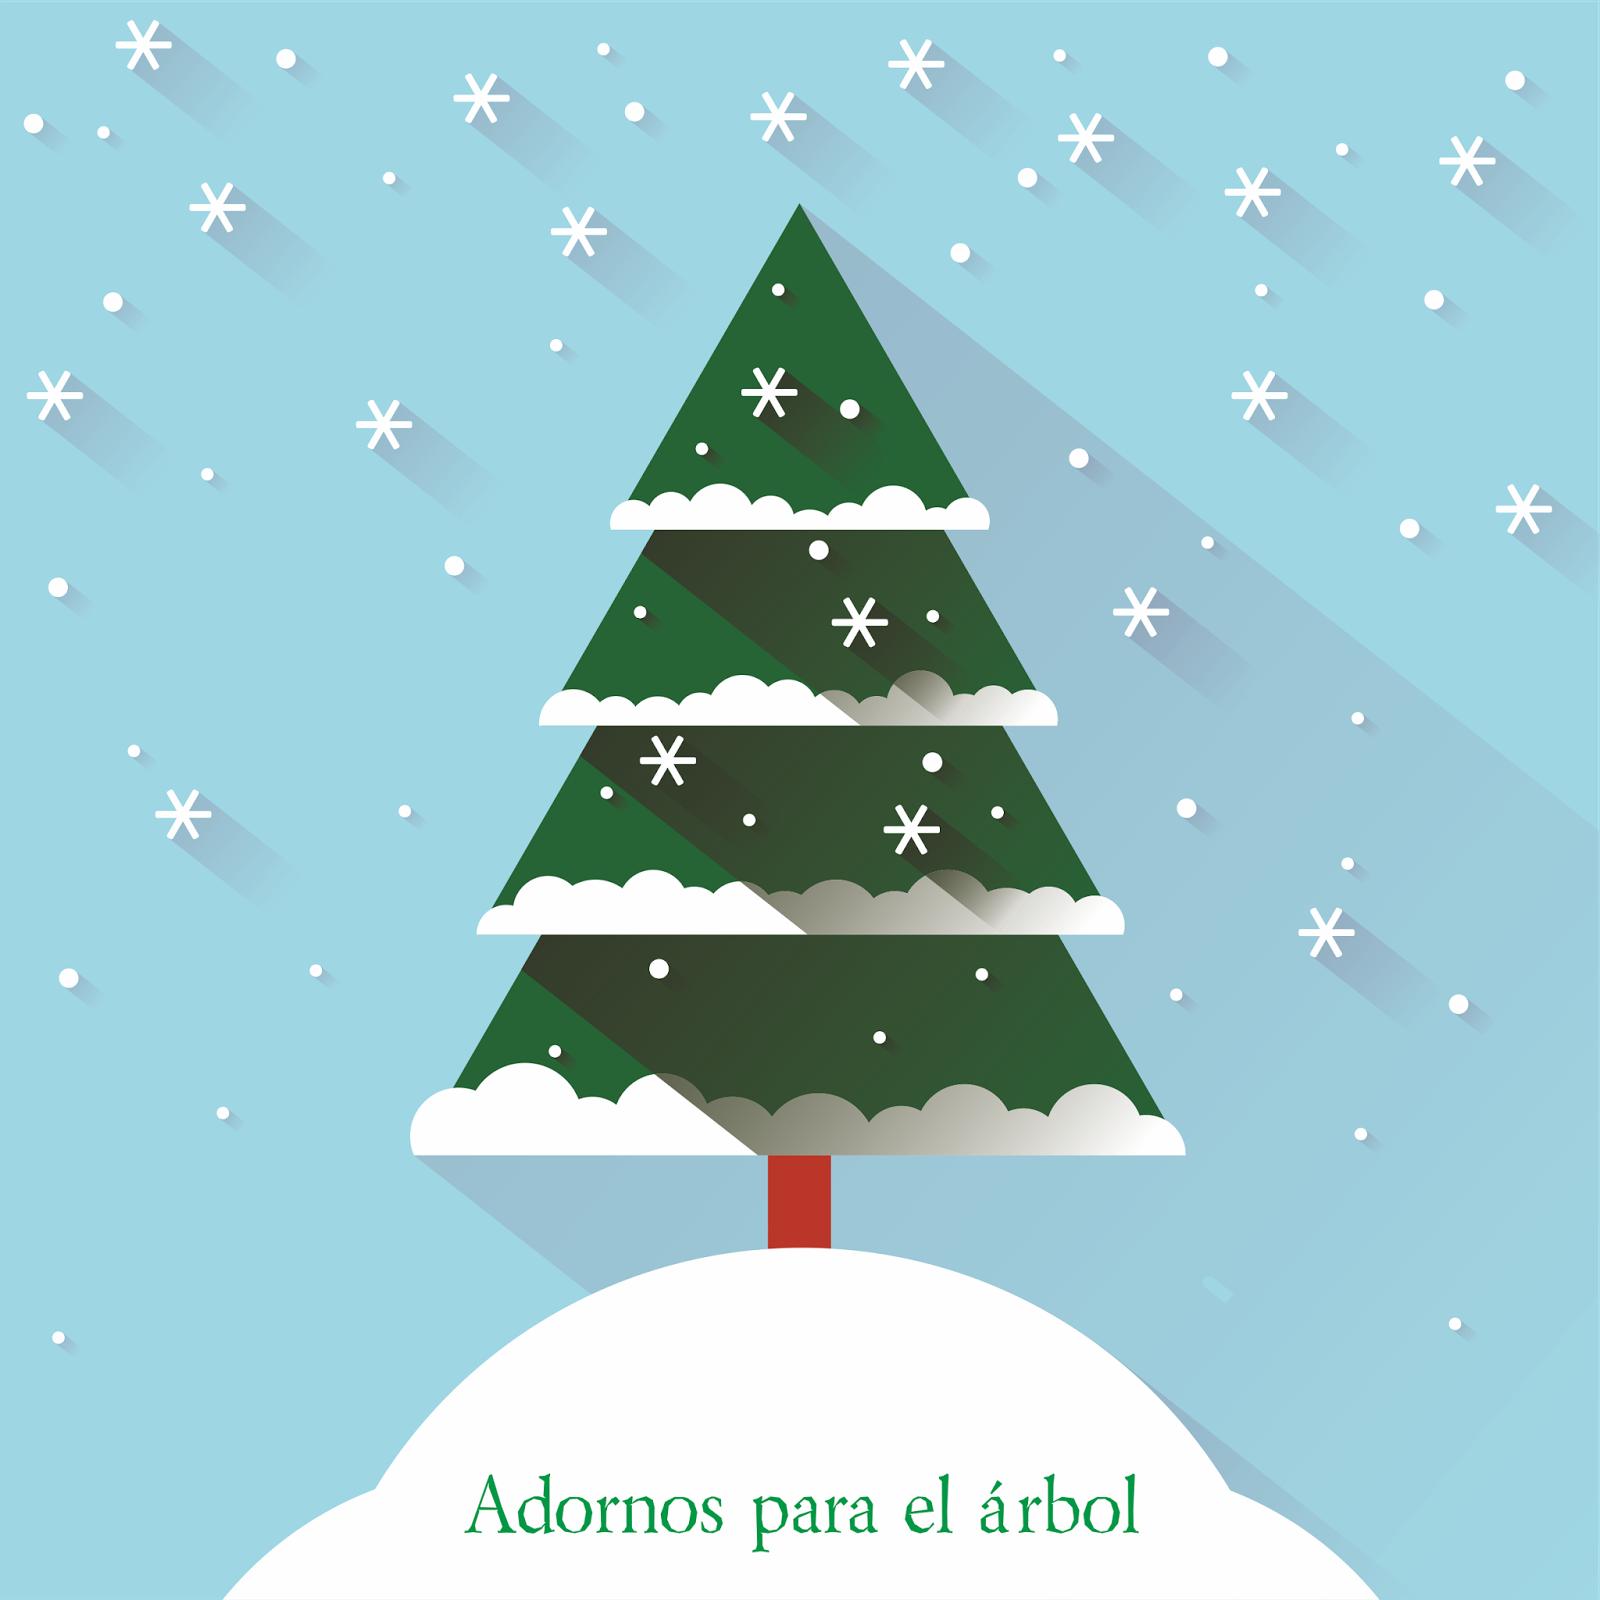 Como hacer un arbol de navidad con alambre facilisimo com - Arbol de navidad de alambre ...